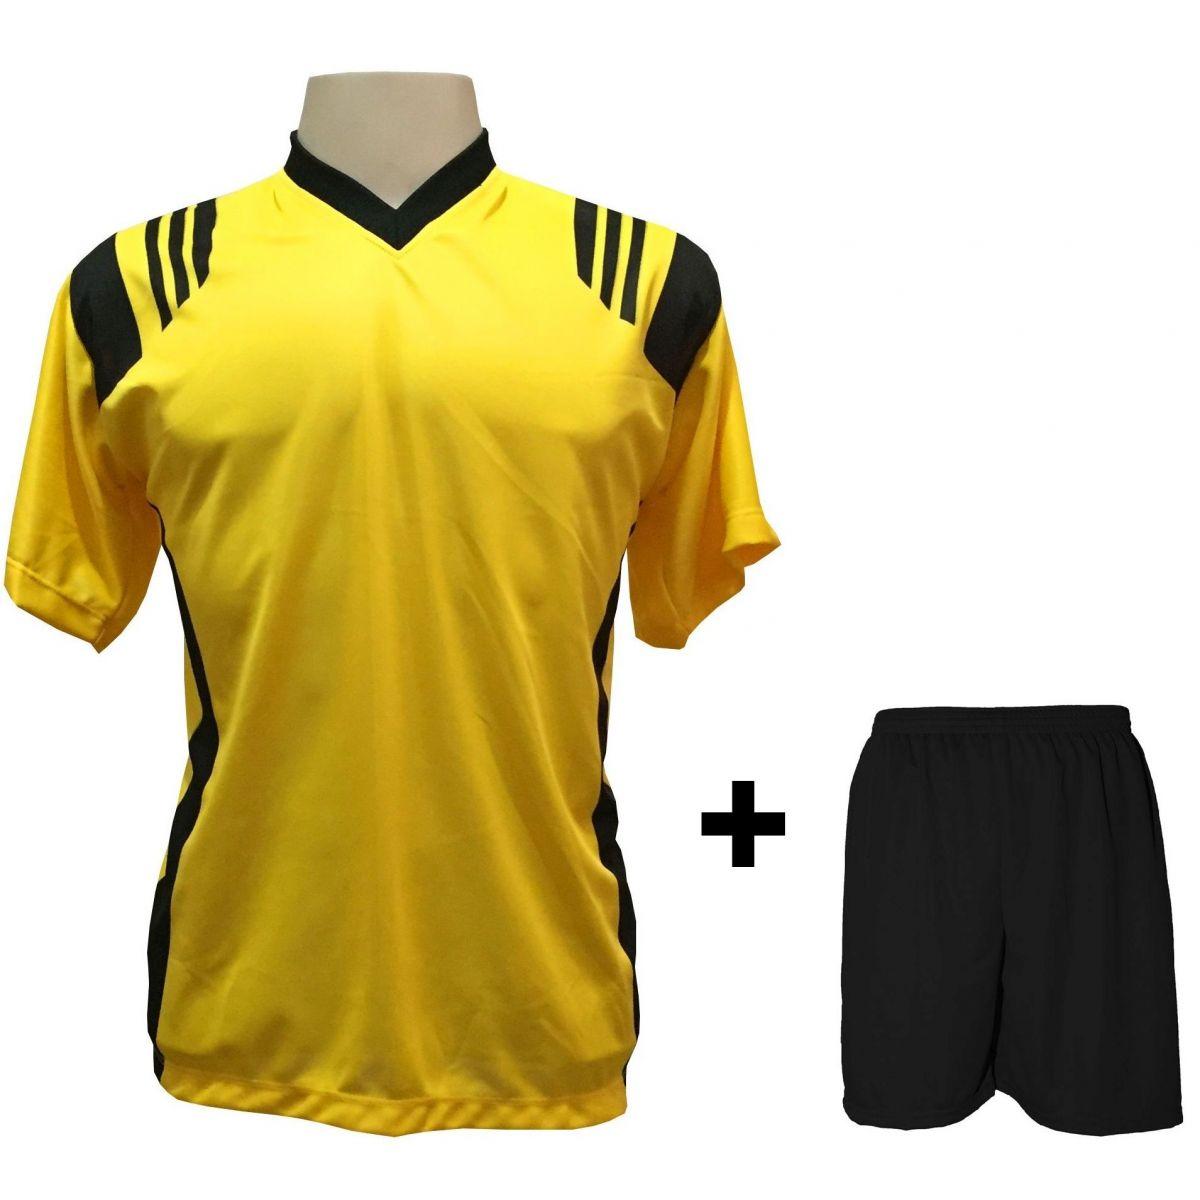 Uniforme Esportivo com 20 Camisas modelo Roma Amarelo/Preto + 20 Calções modelo Madrid Preto